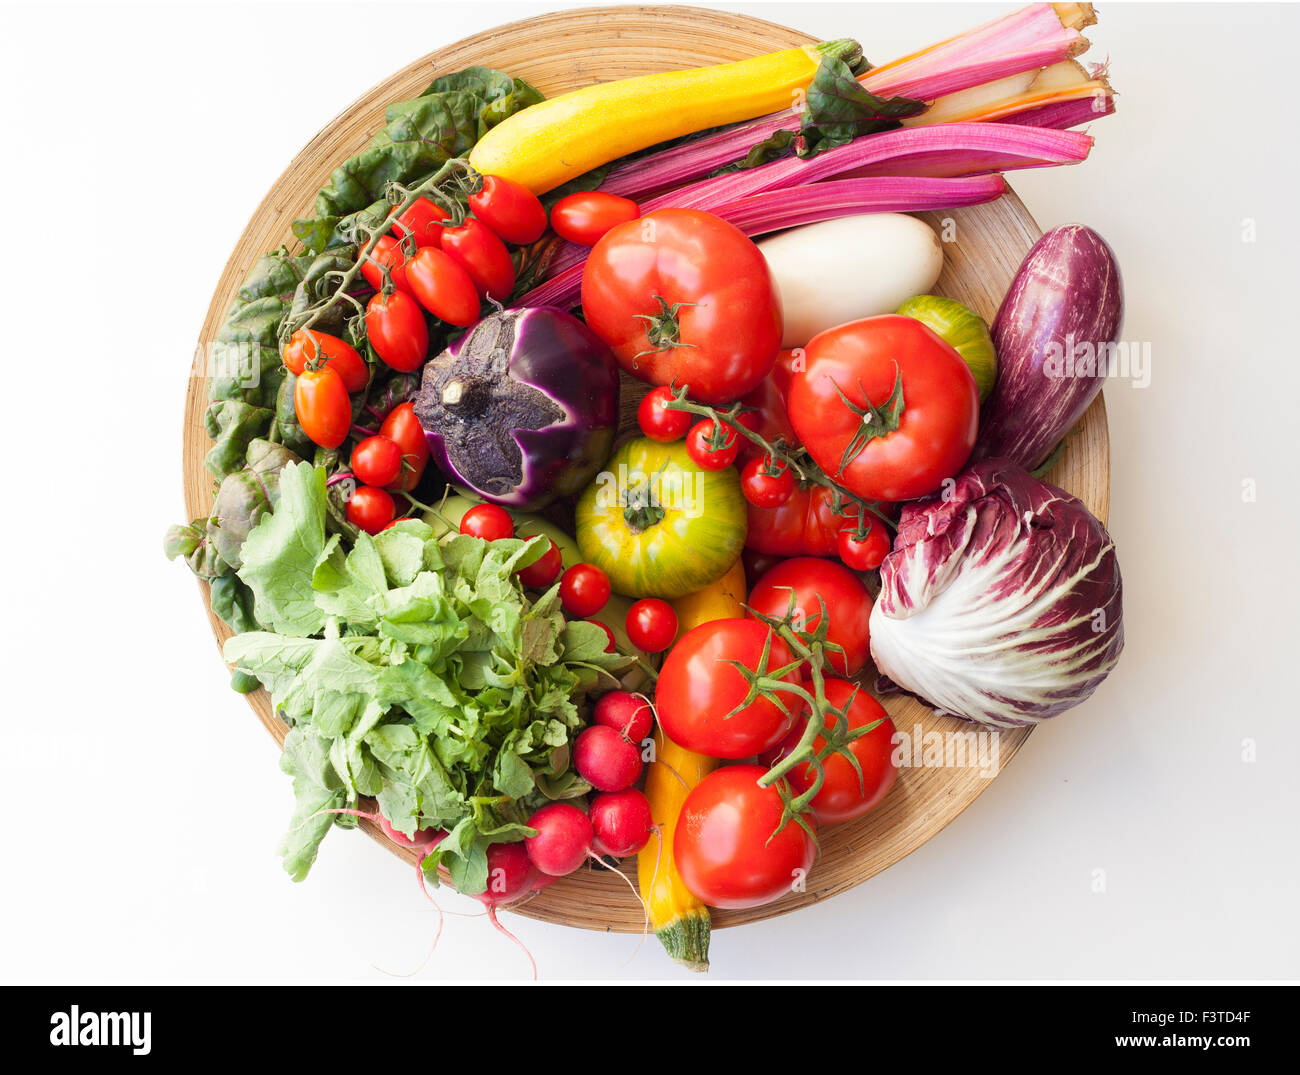 Une grande variété de légumes sur la plaque, still life, London 2015. Photo Stock